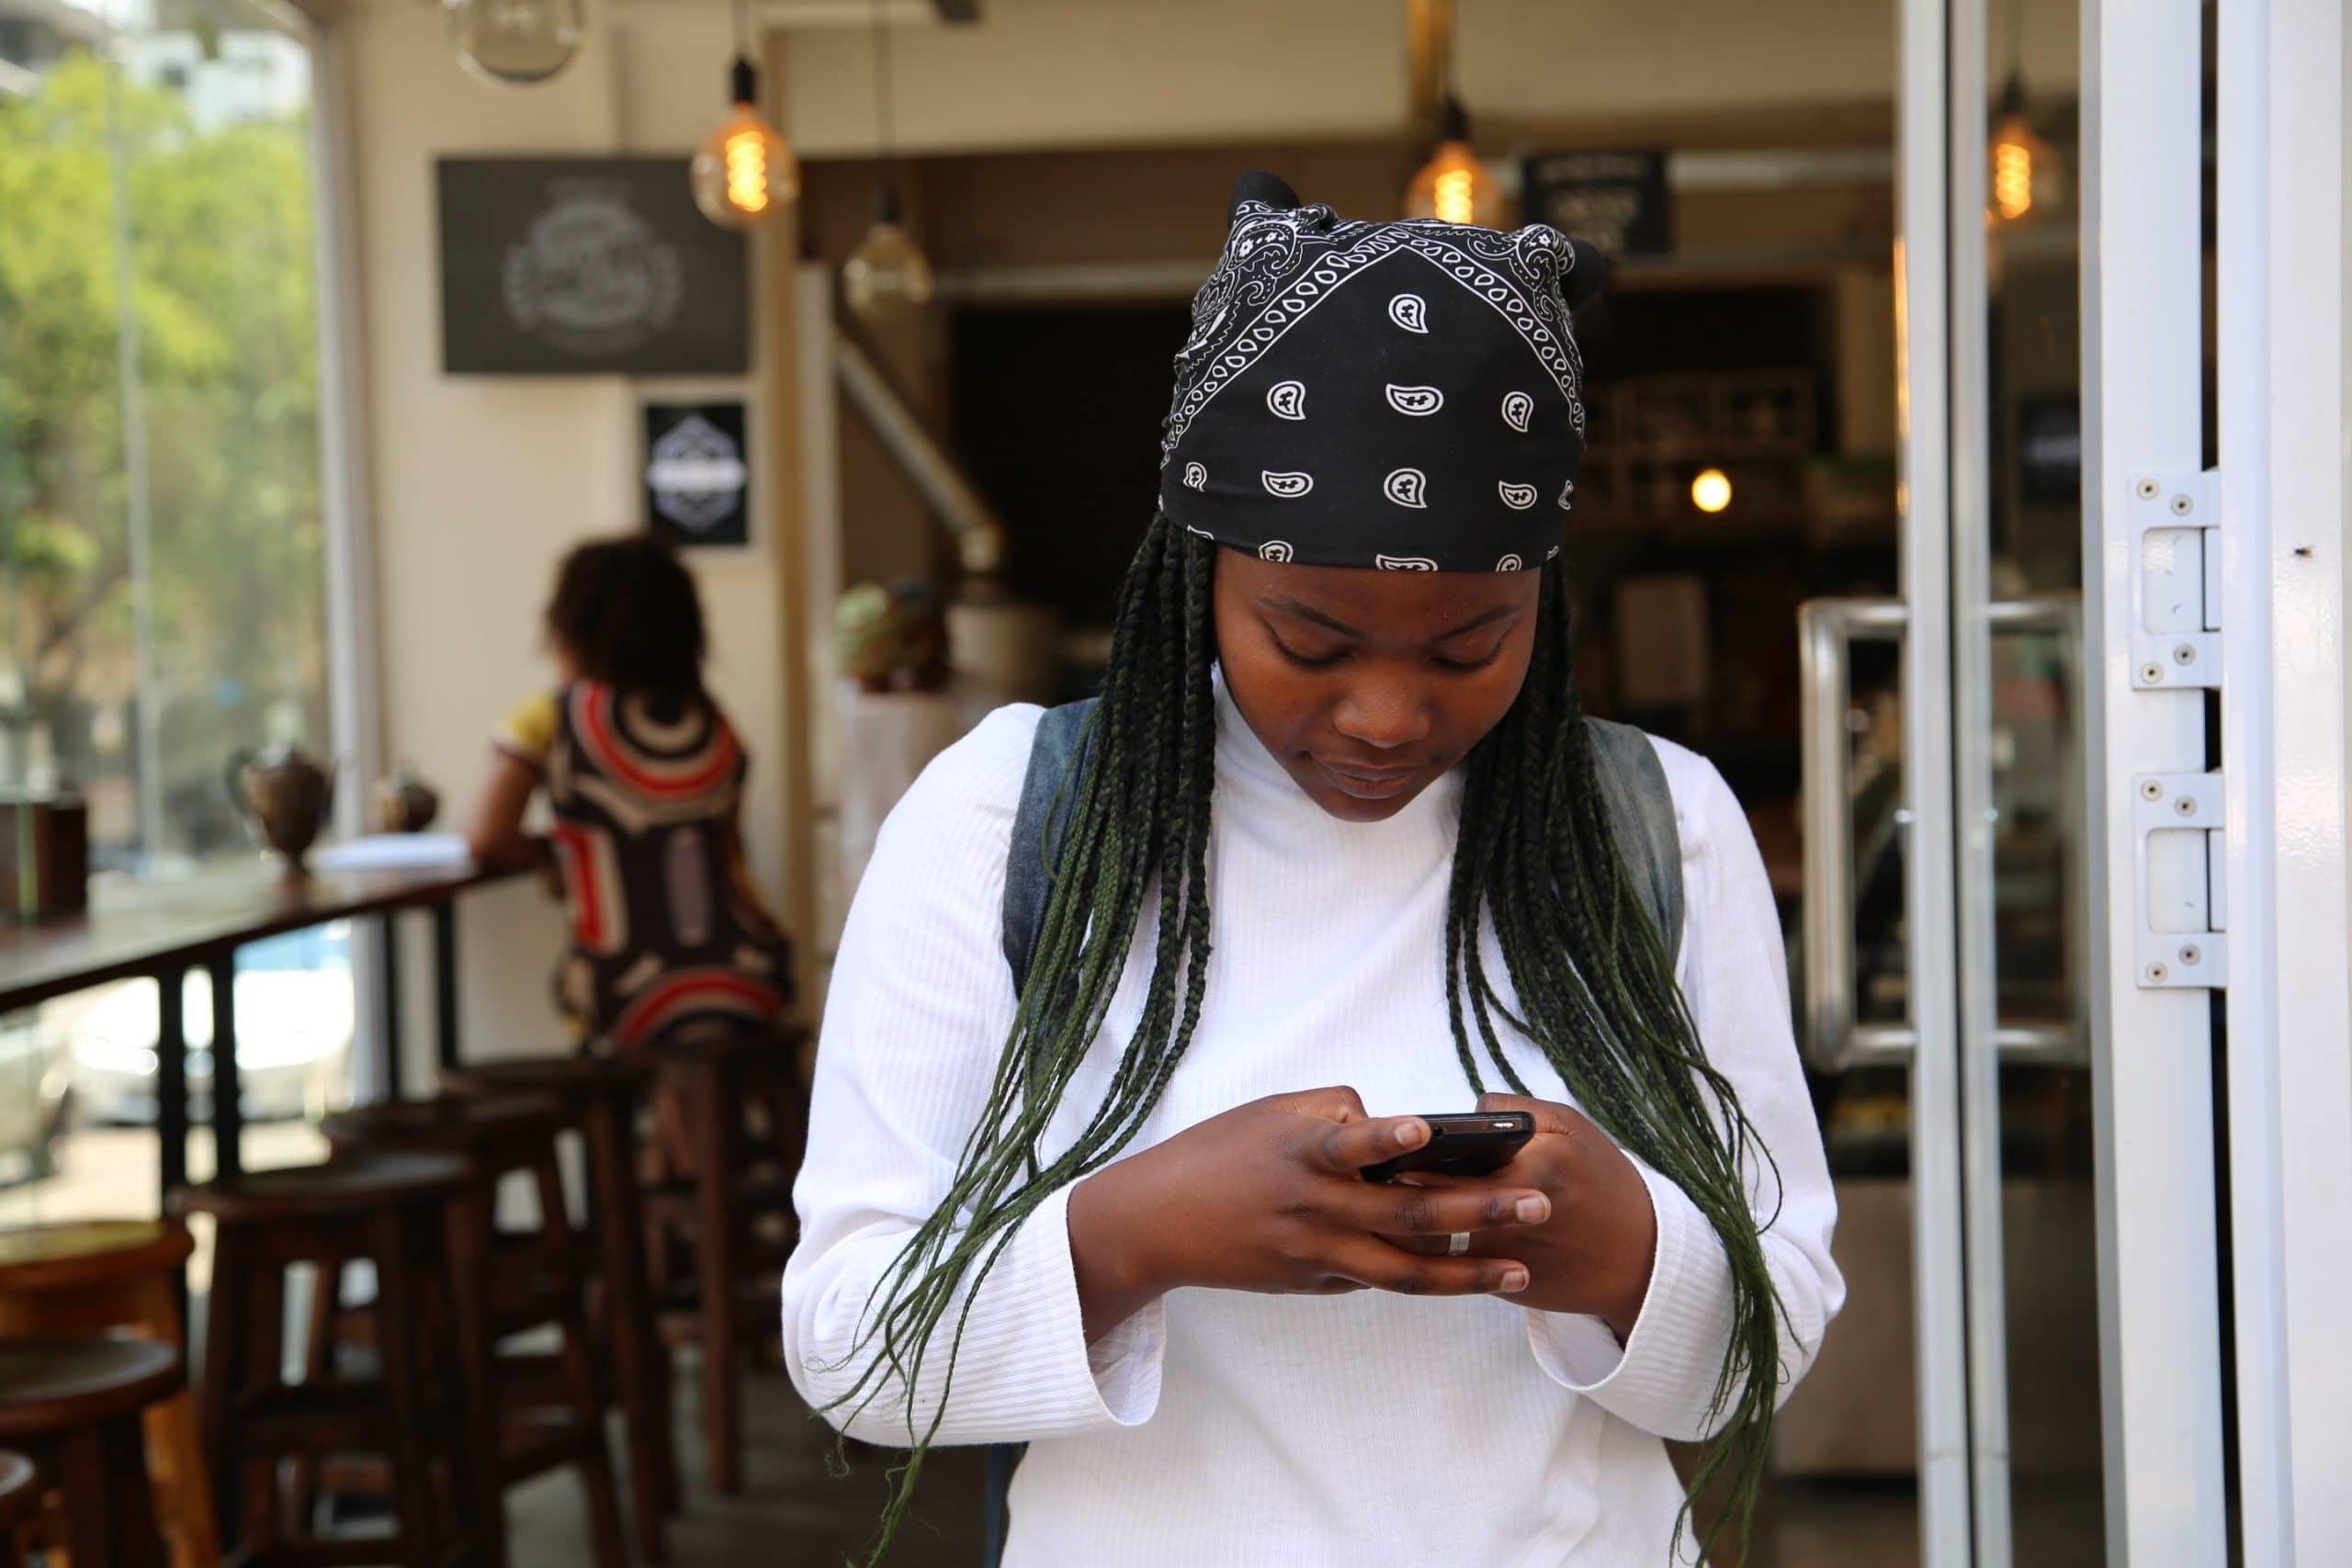 Mulher com bandana na cabeça mexendo no celular